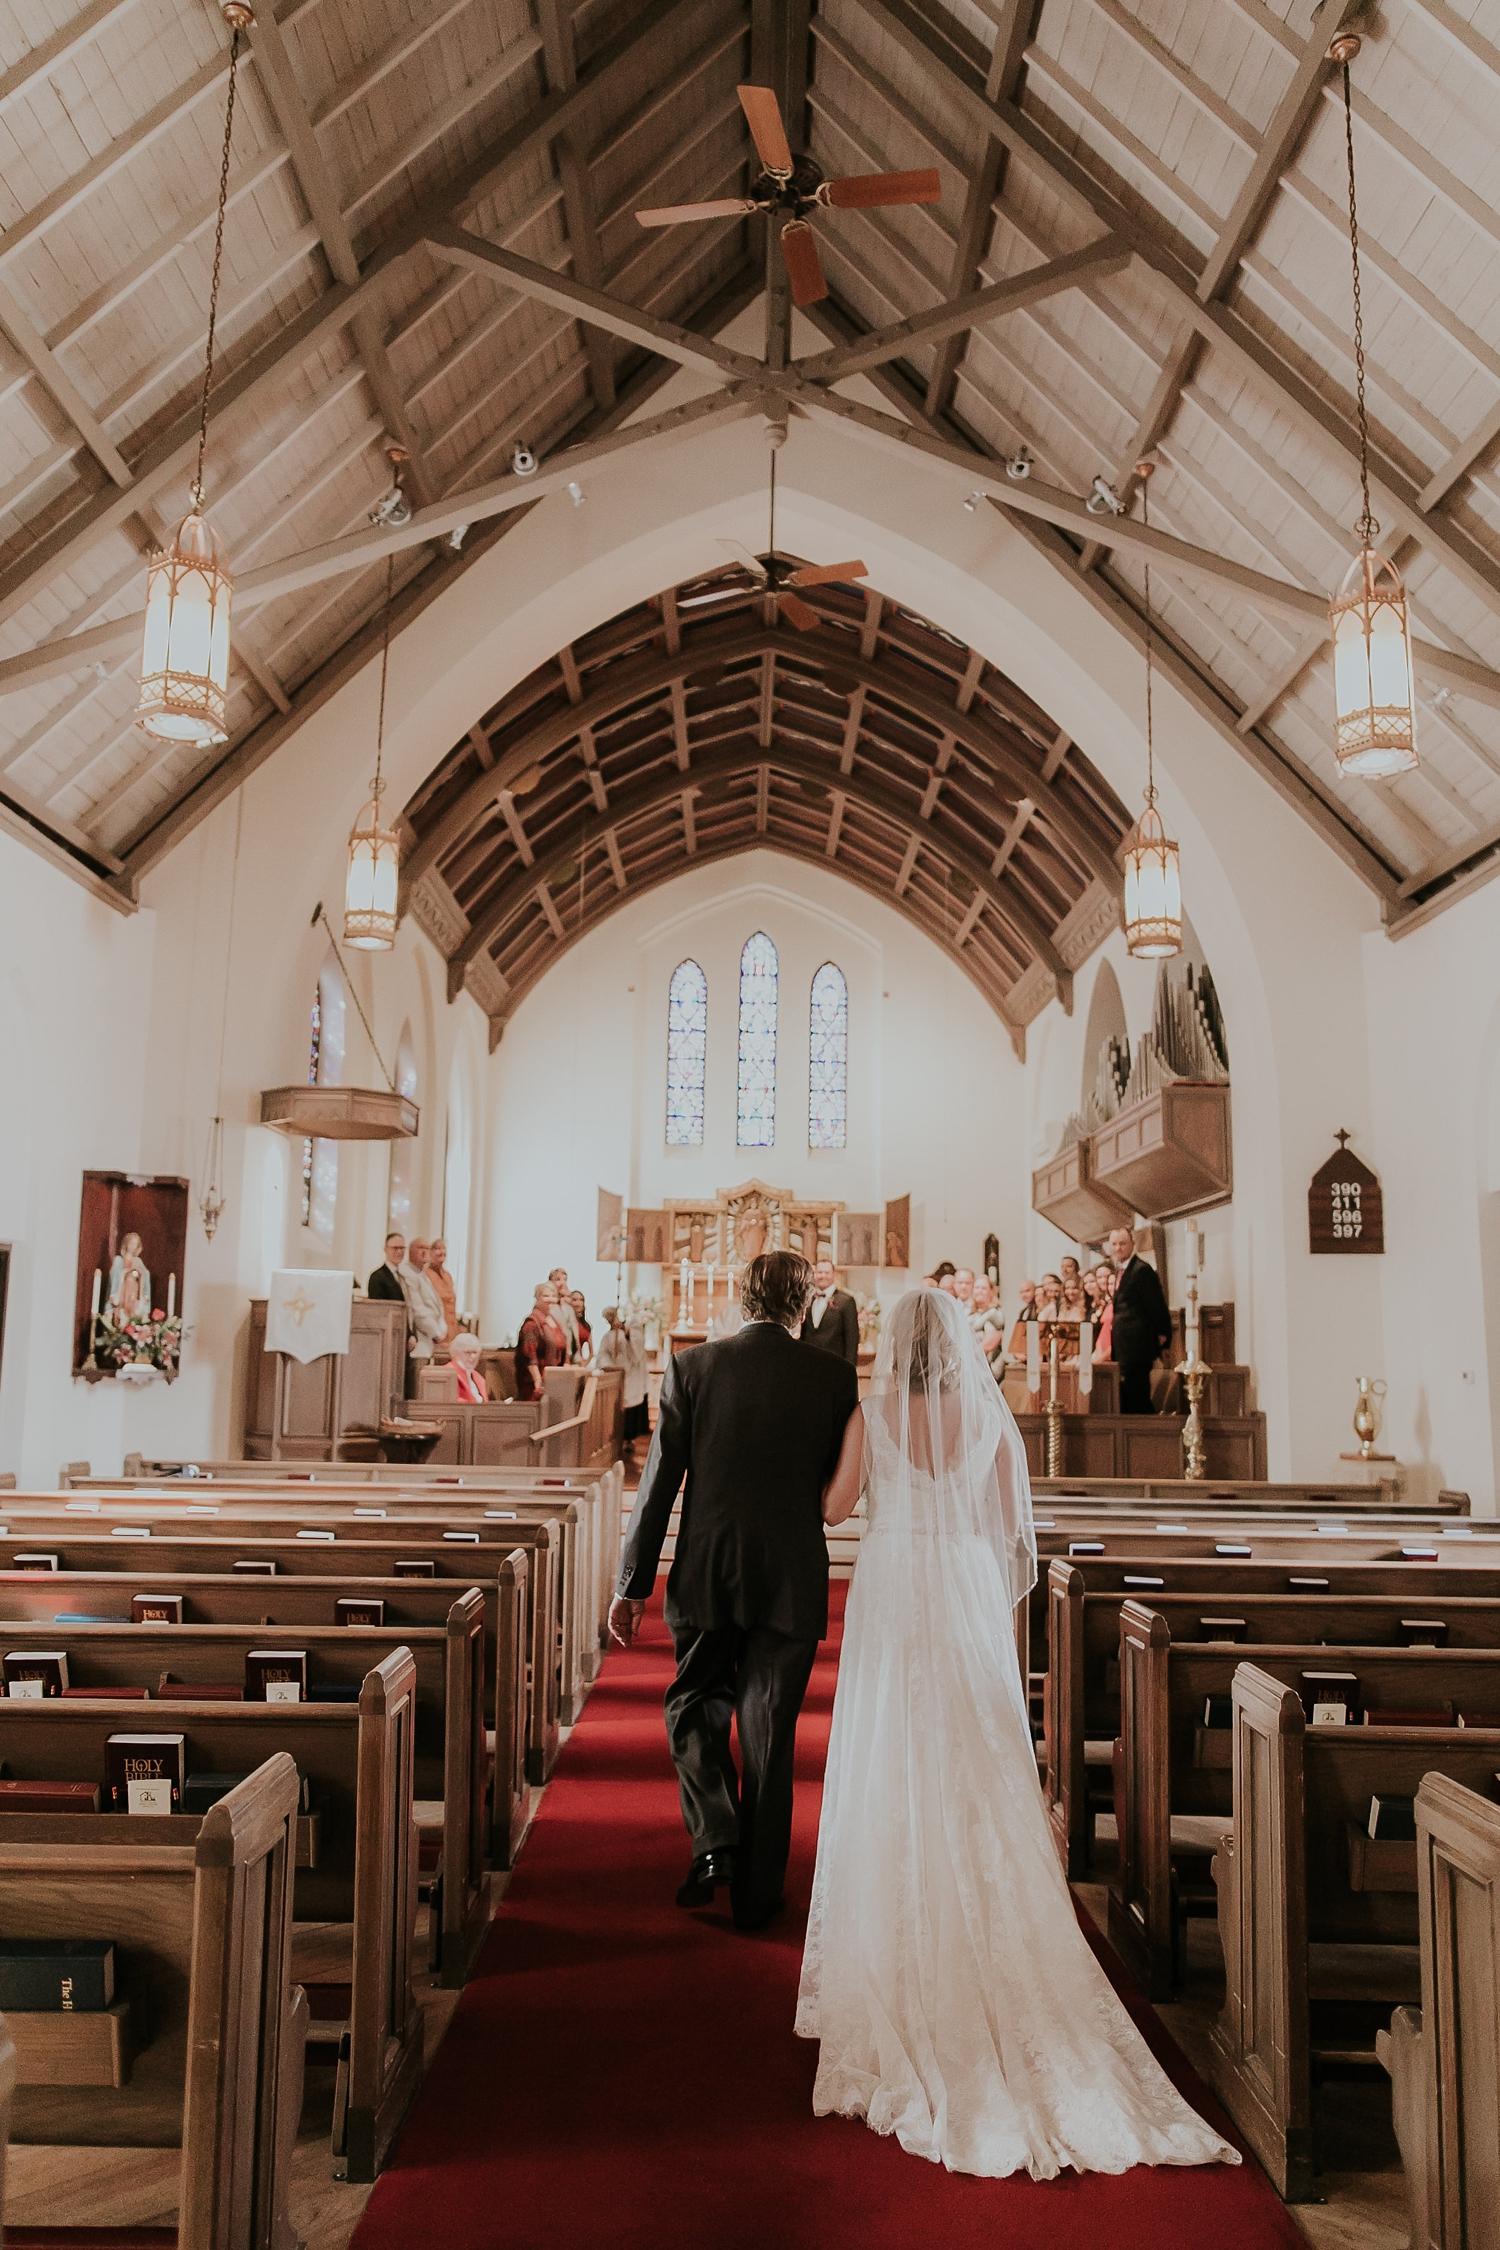 Alicia+lucia+photography+-+albuquerque+wedding+photographer+-+santa+fe+wedding+photography+-+new+mexico+wedding+photographer+-+la+fonda+wedding+-+la+fonda+fall+wedding+-+intimate+la+fonda+wedding_0021.jpg